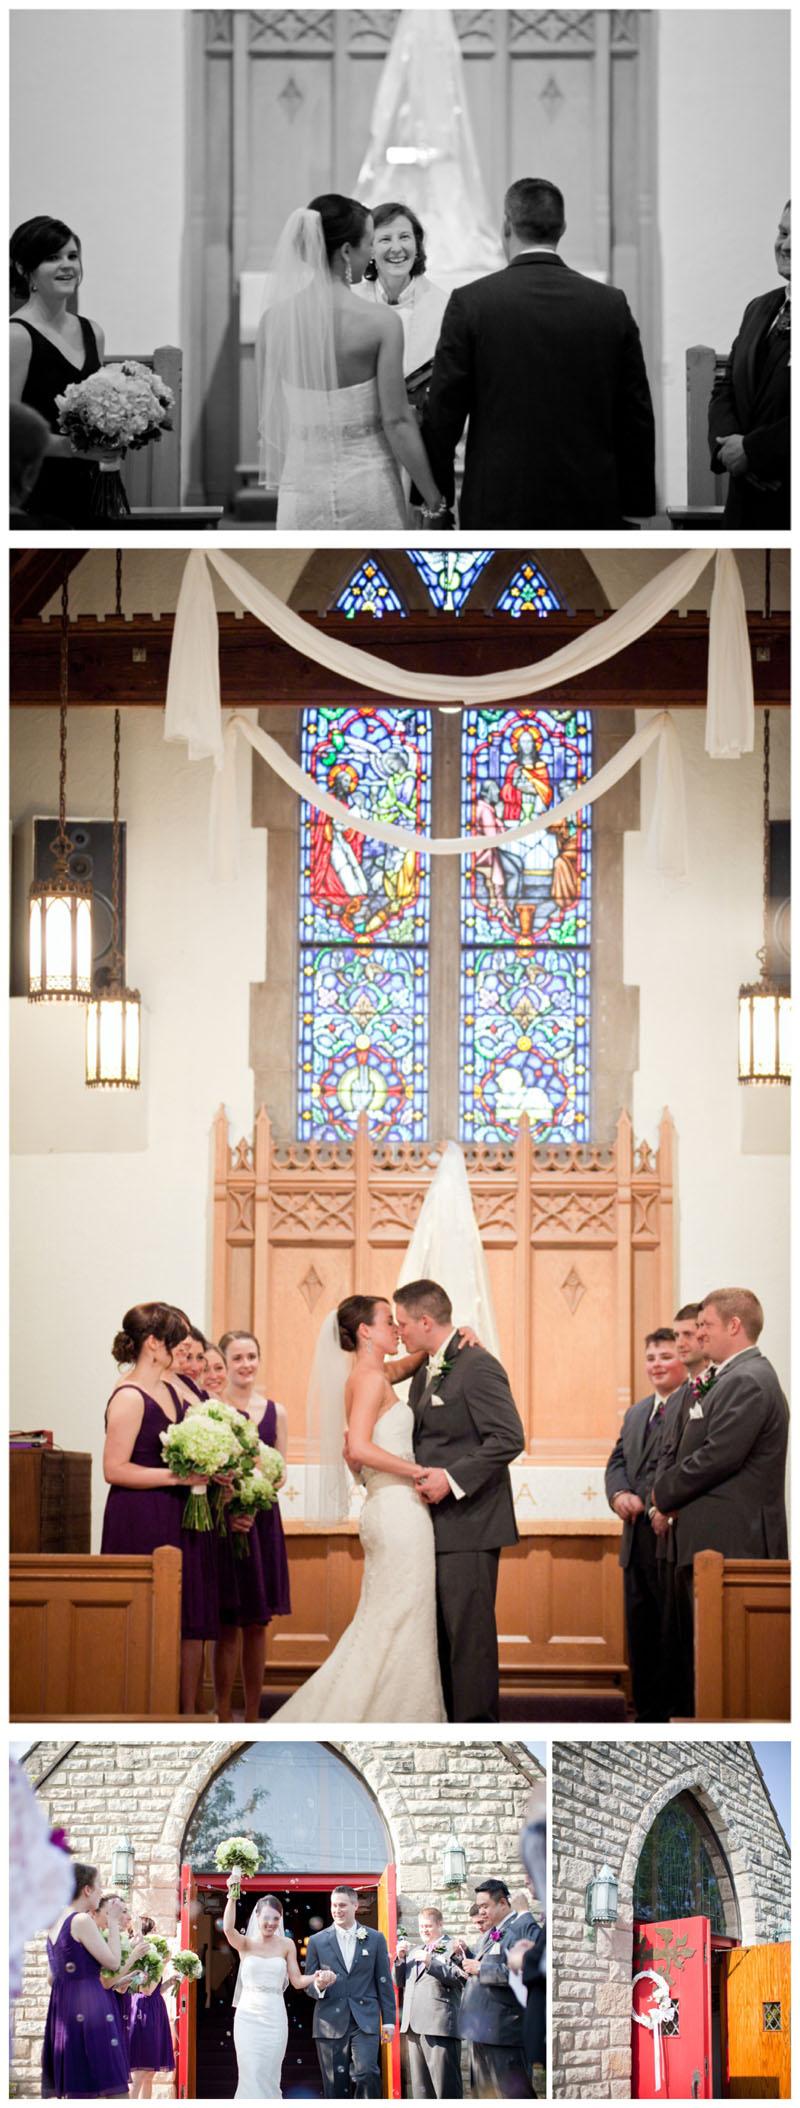 LilyGlassPhotography_Columbus Ohio Wedding Photography04.jpg